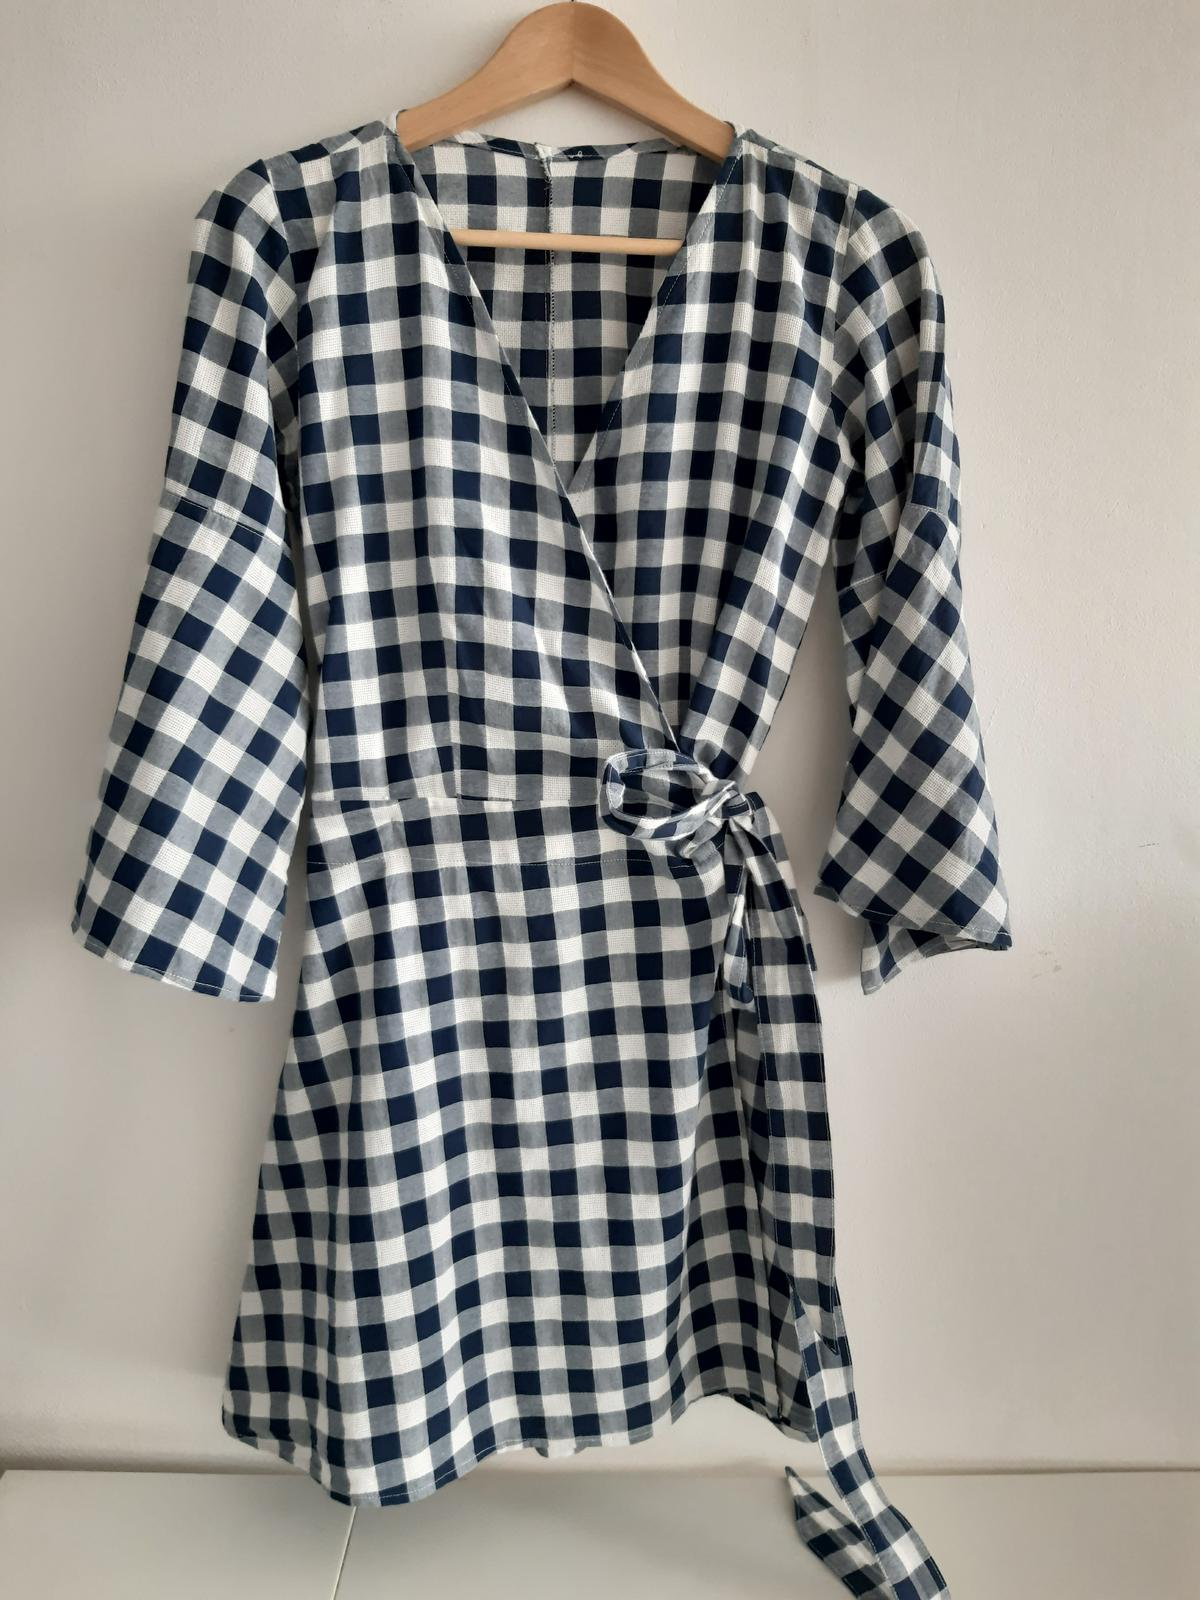 modré kostkované zavinovací šaty - Obrázek č. 1